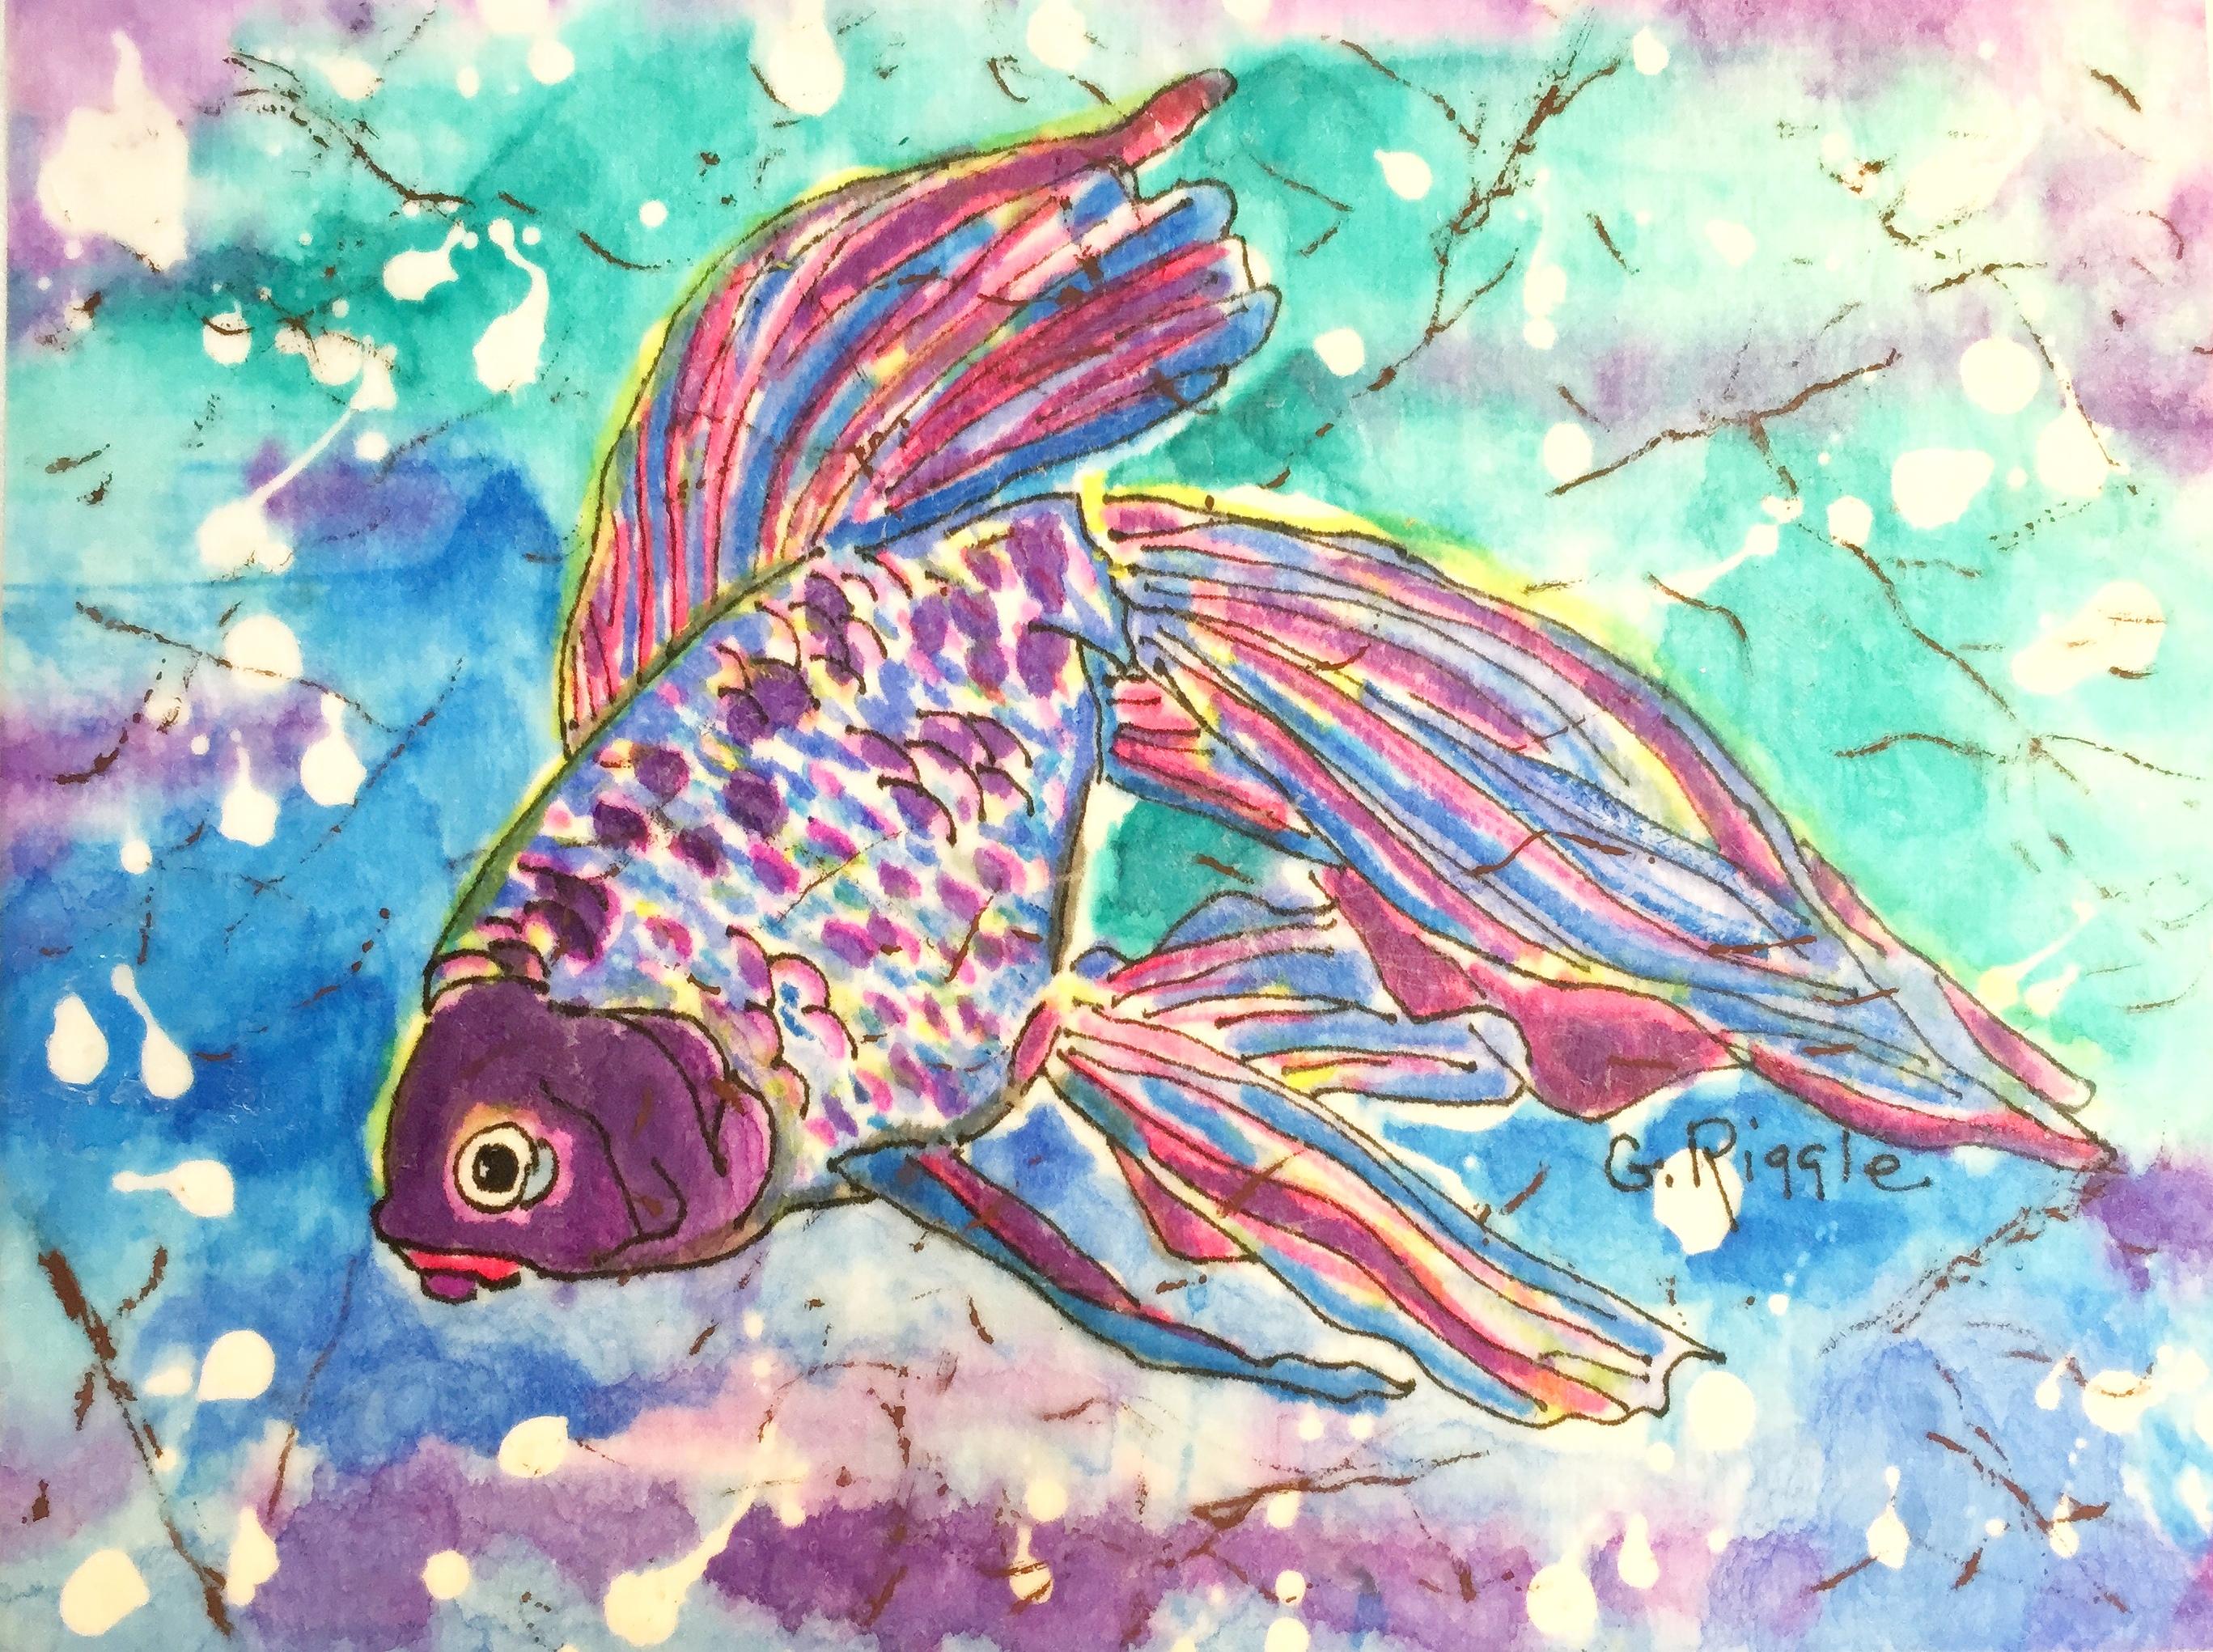 2735x2042 Paintings Of Tropical Fish Tropical Fish Watercolor Batik On